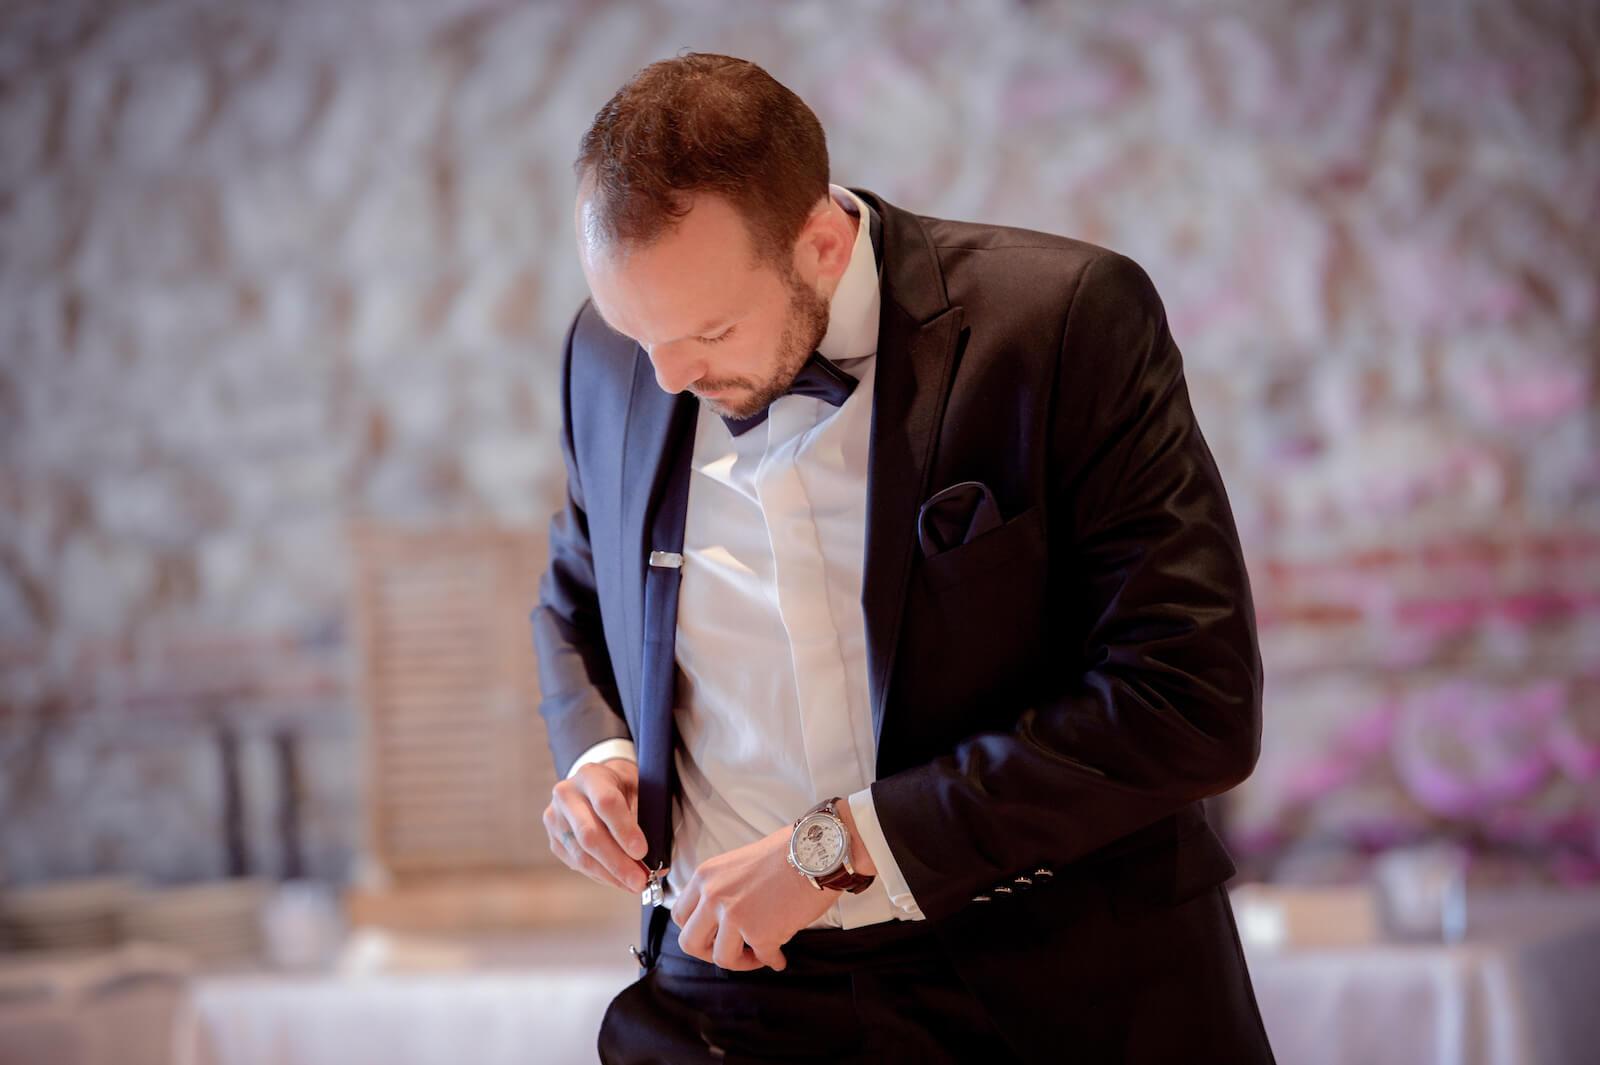 Hochzeit Gardasee - Bräutigam beim Anlegen seiner Hosenträger